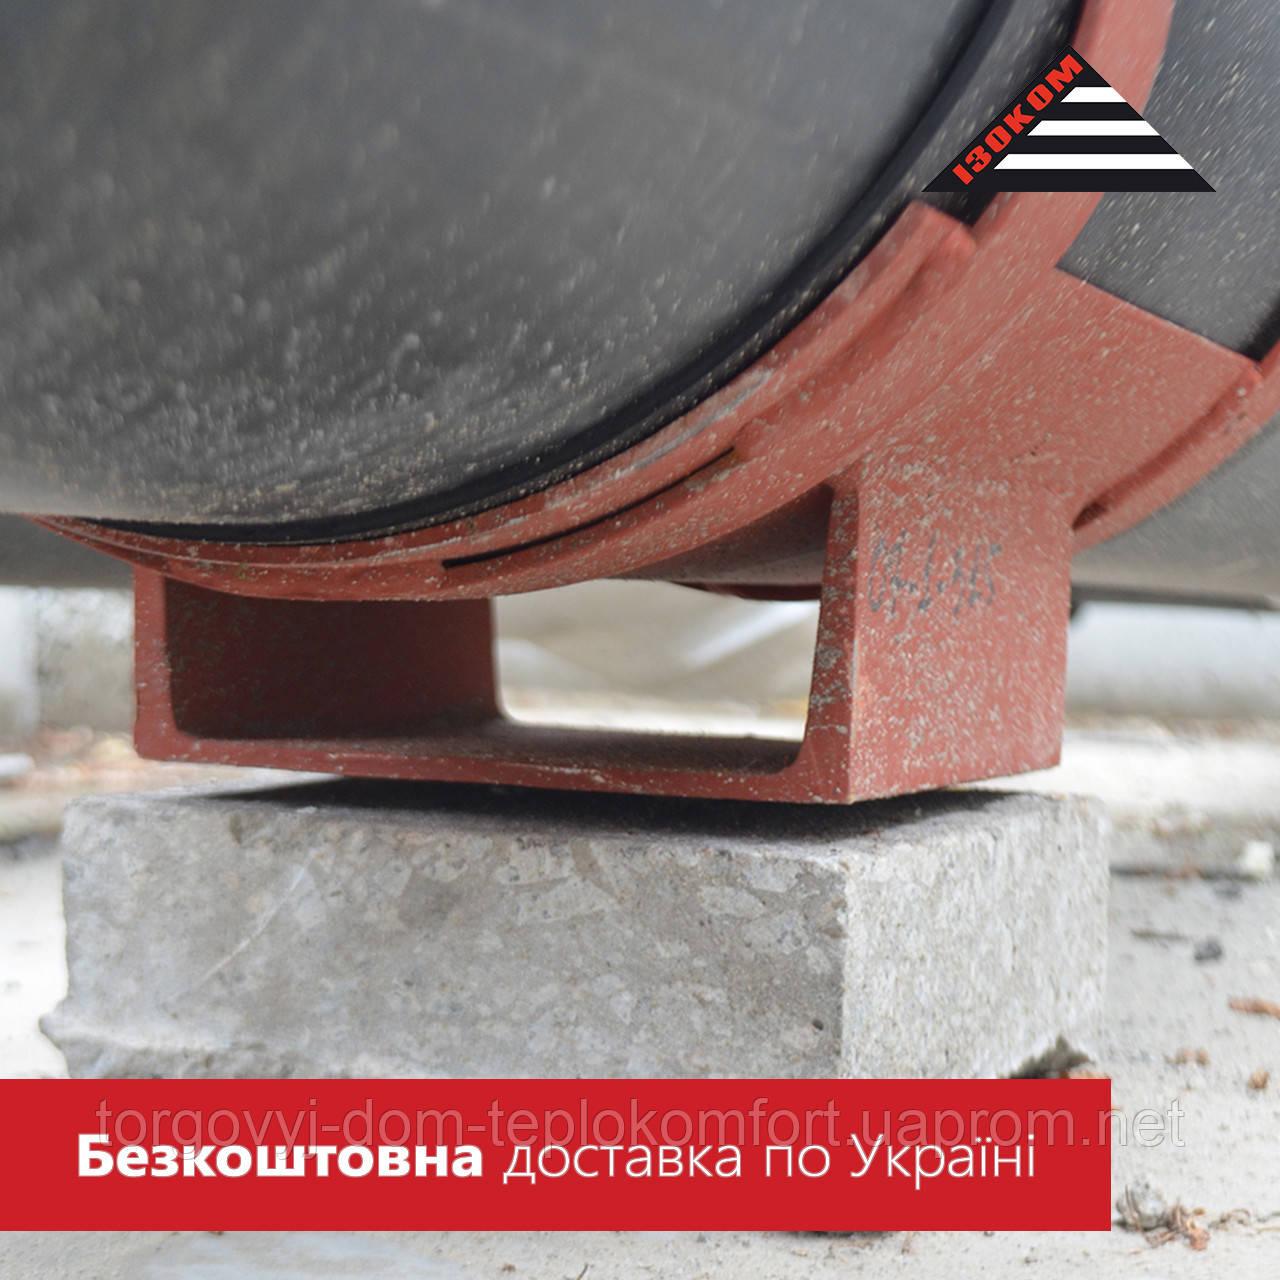 Опора скользящая для трубы стальной предварительно изолированной ø 377/500 мм